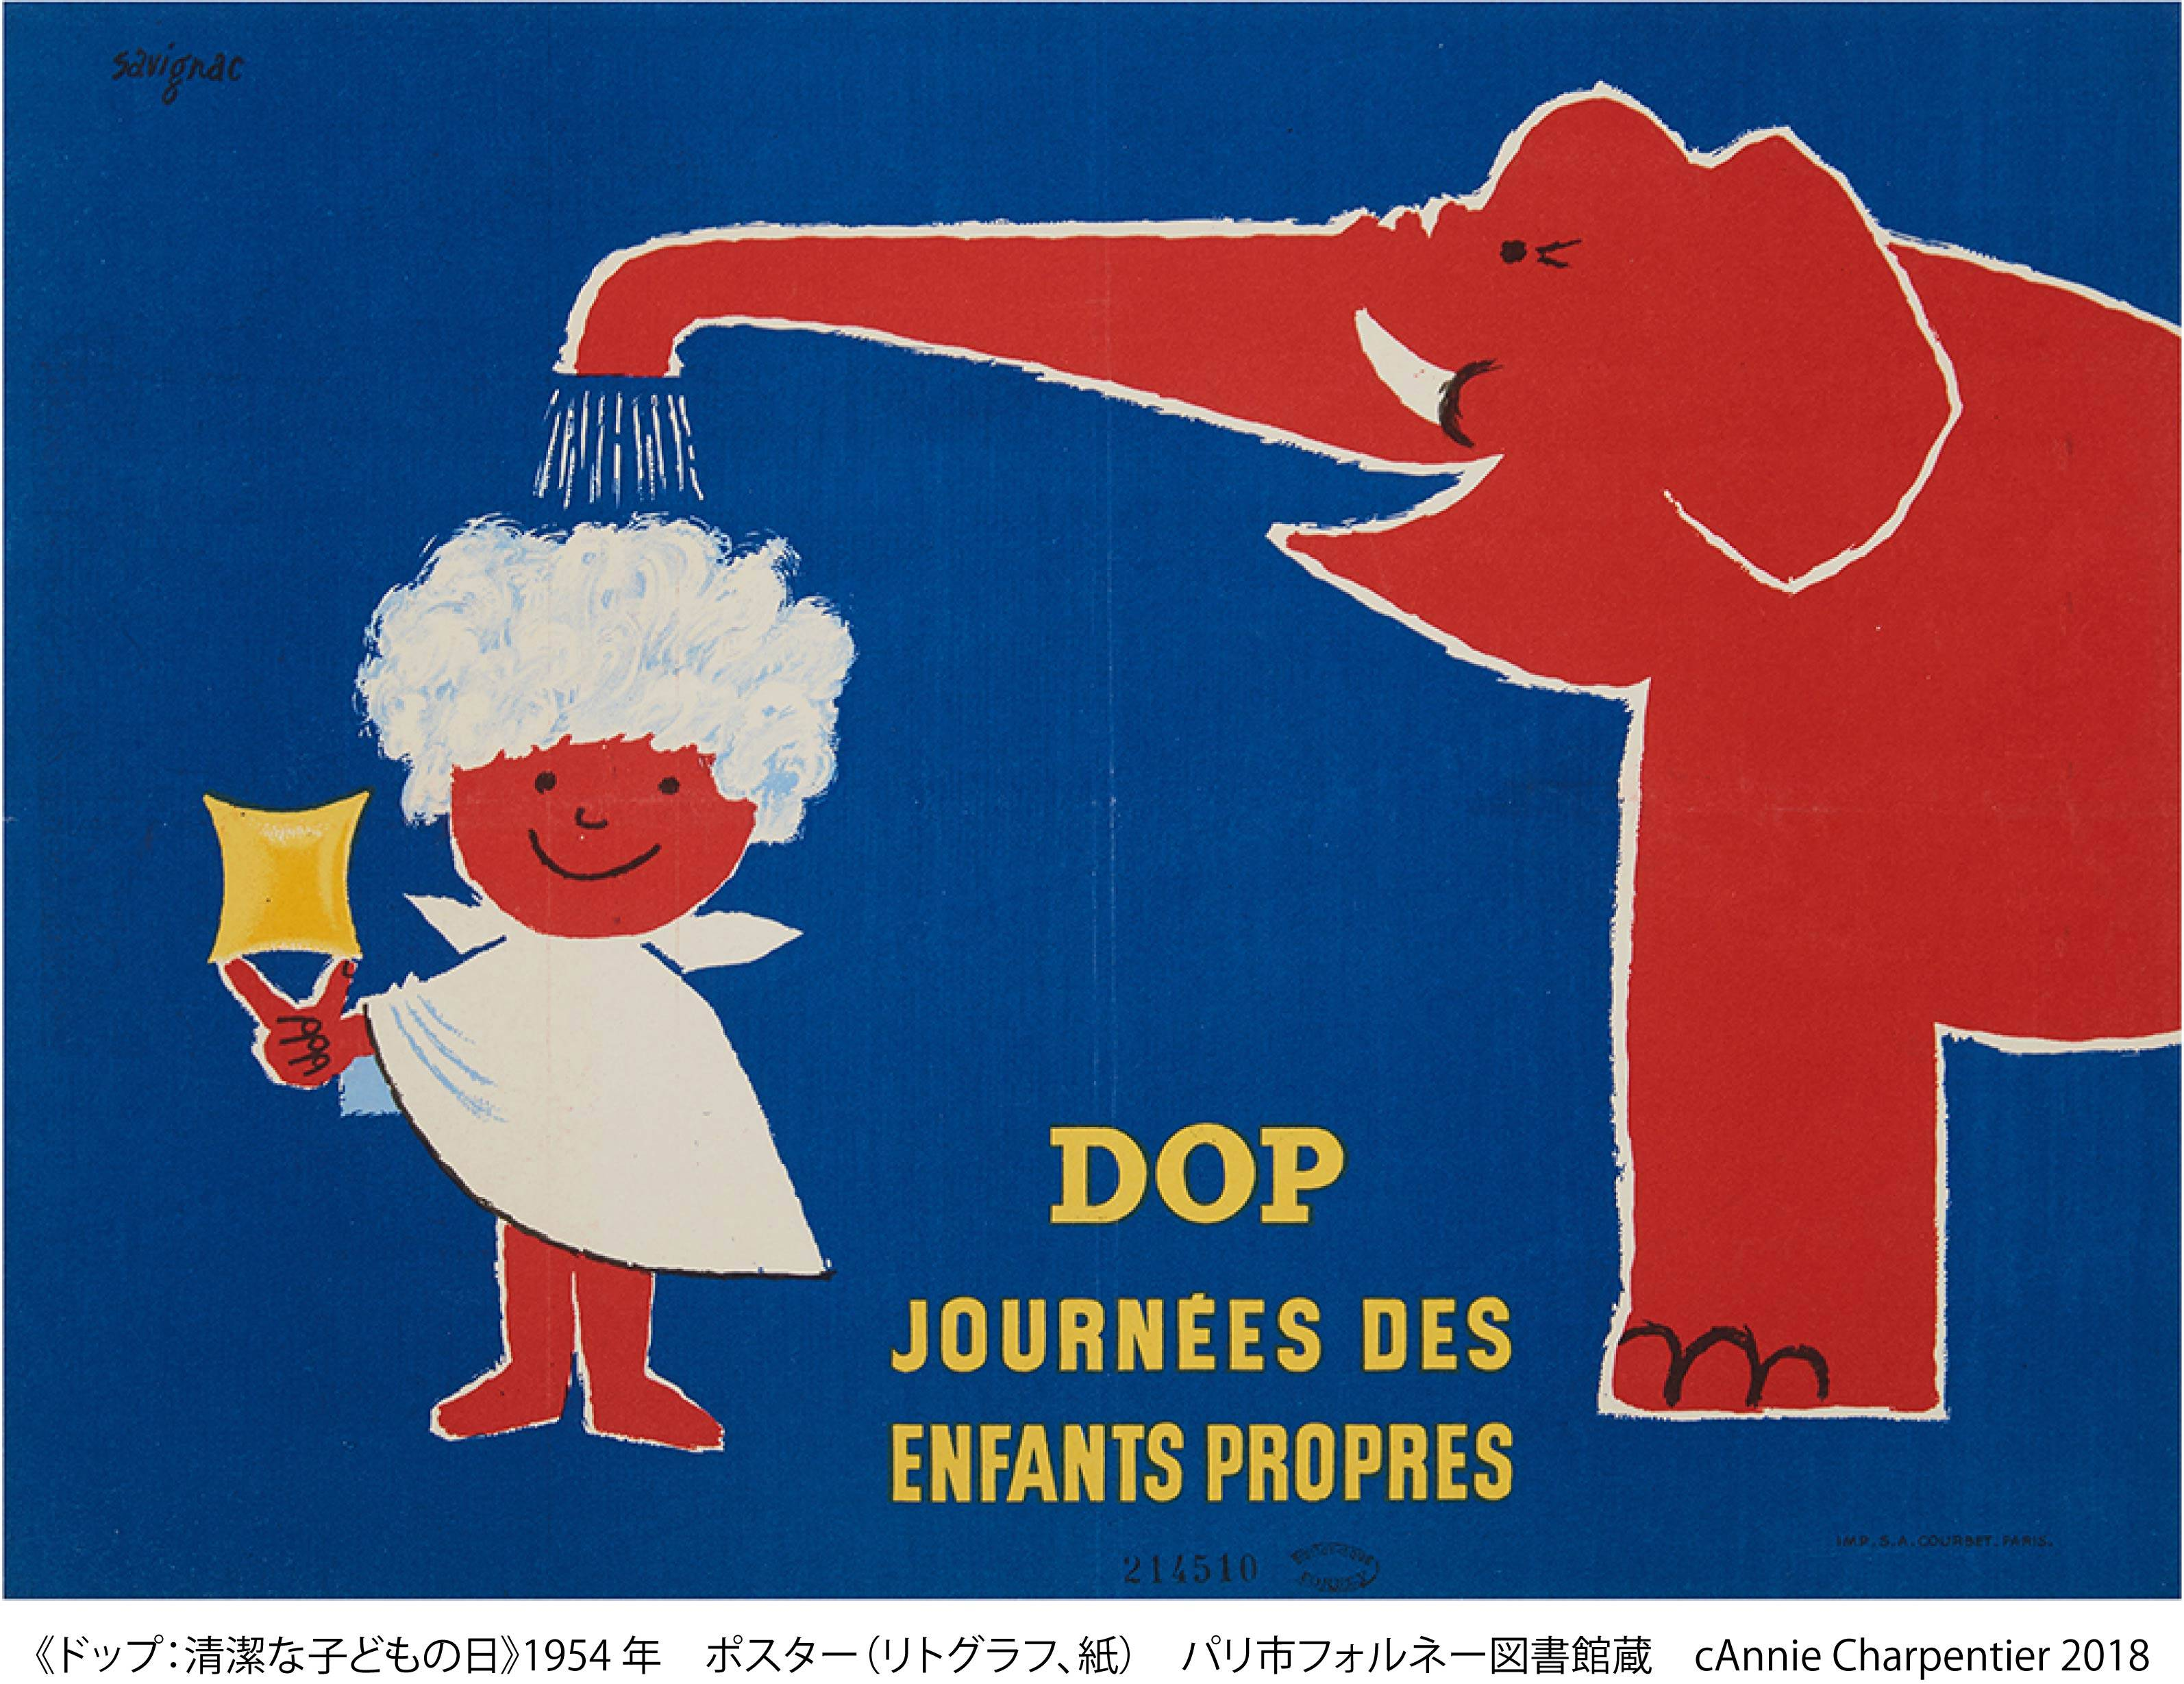 兵庫県立美術館「サヴィニャック パリにかけたポスターの魔法」